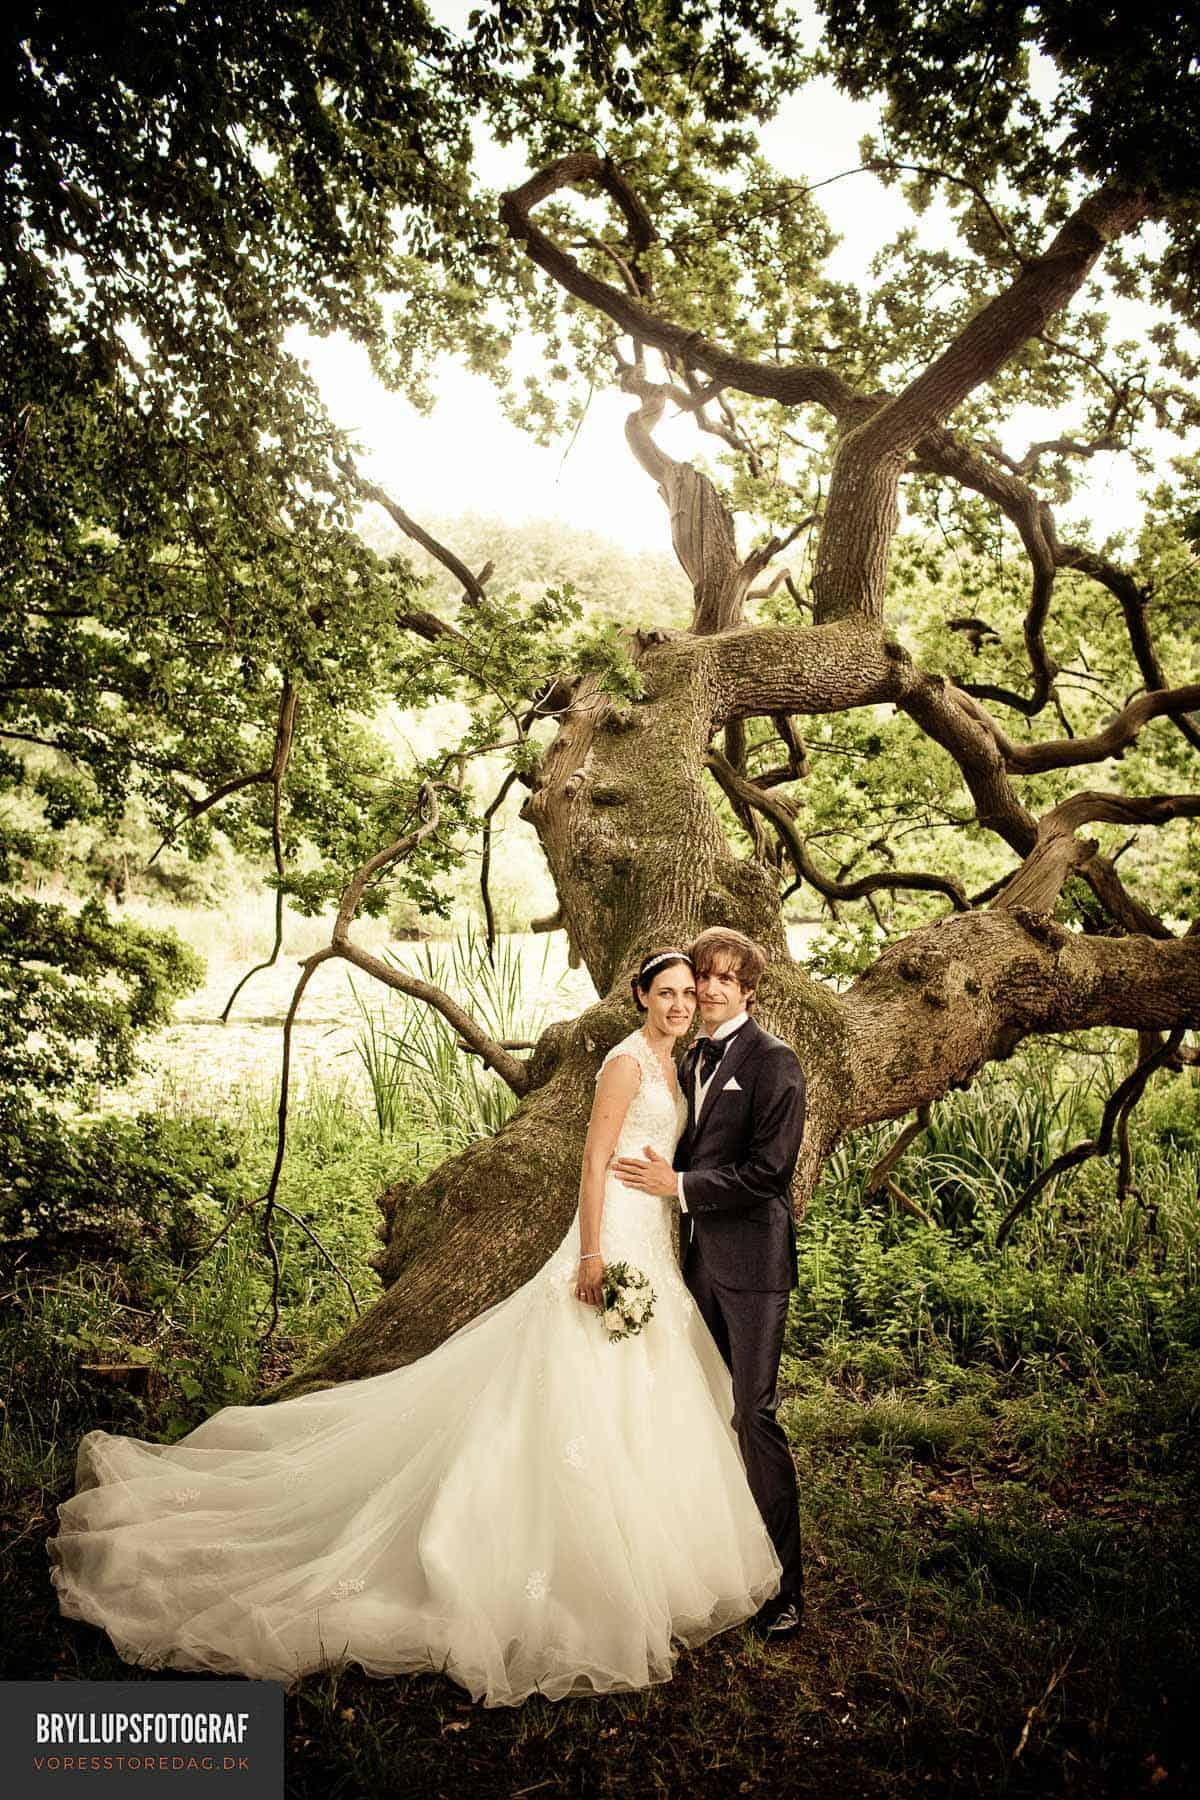 Billeder fra et smukt bryllup i Aalborg